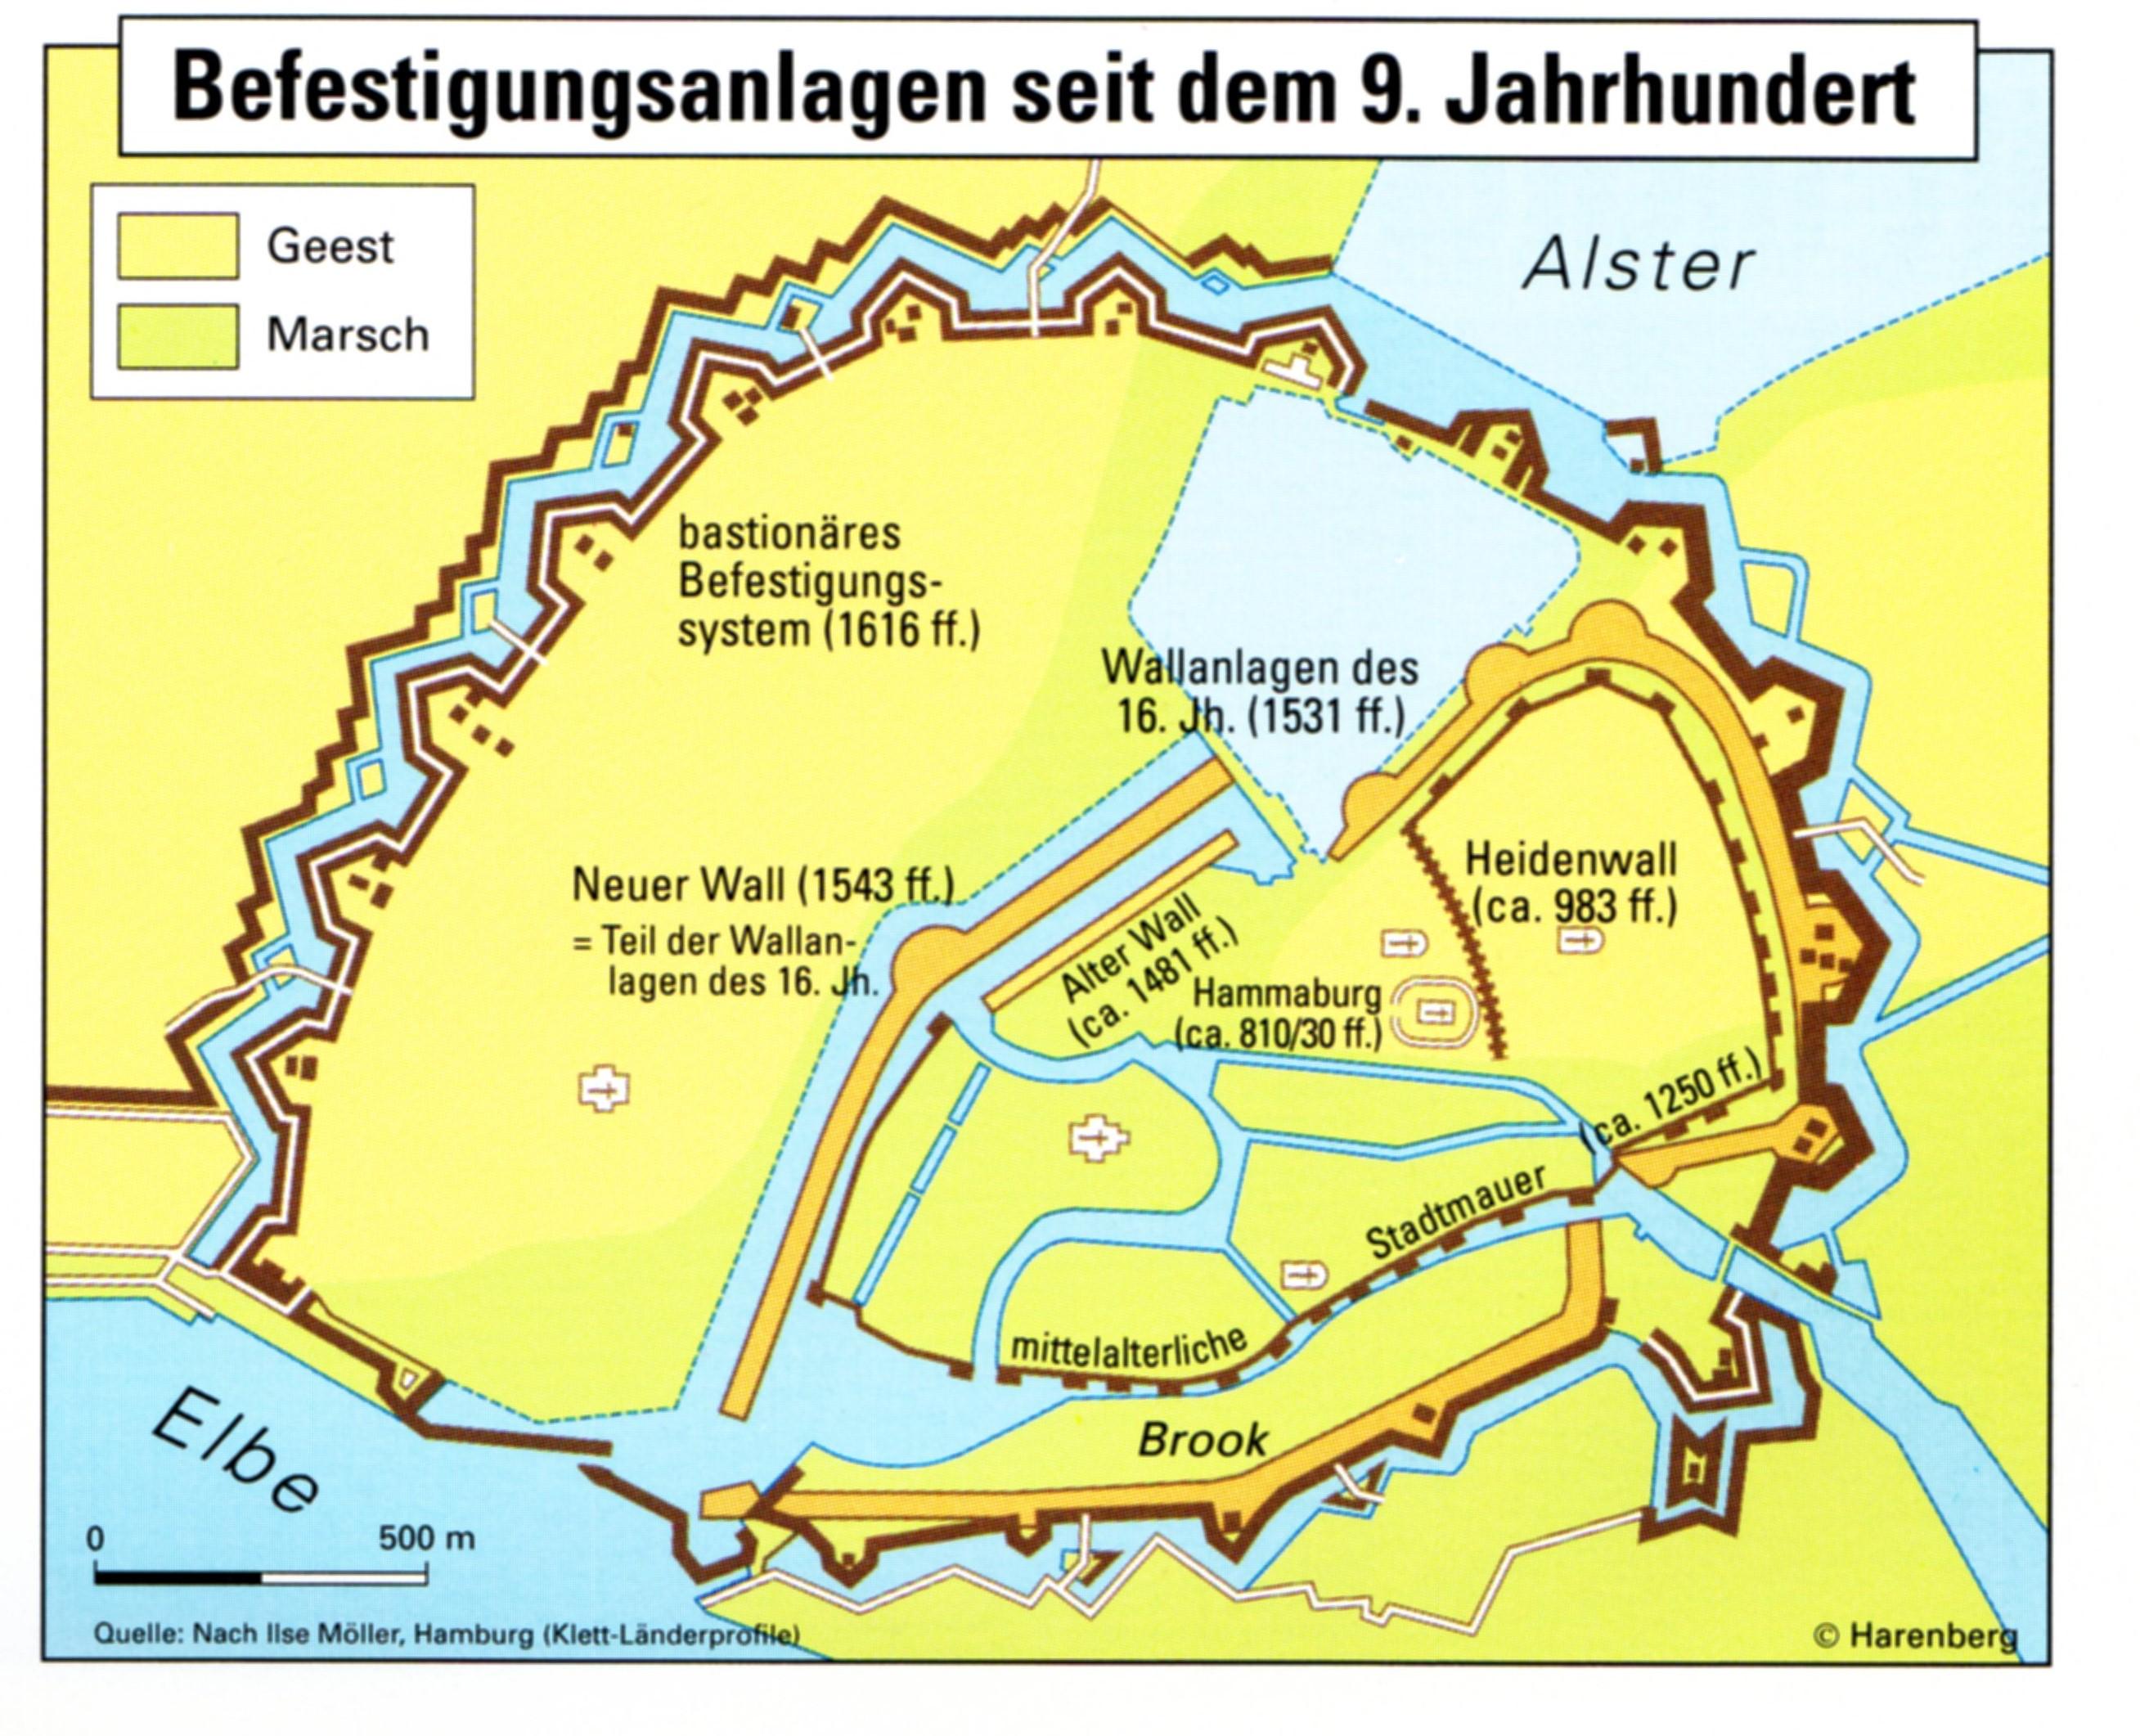 Stadtmauern im mittelalterlichen Hamburg